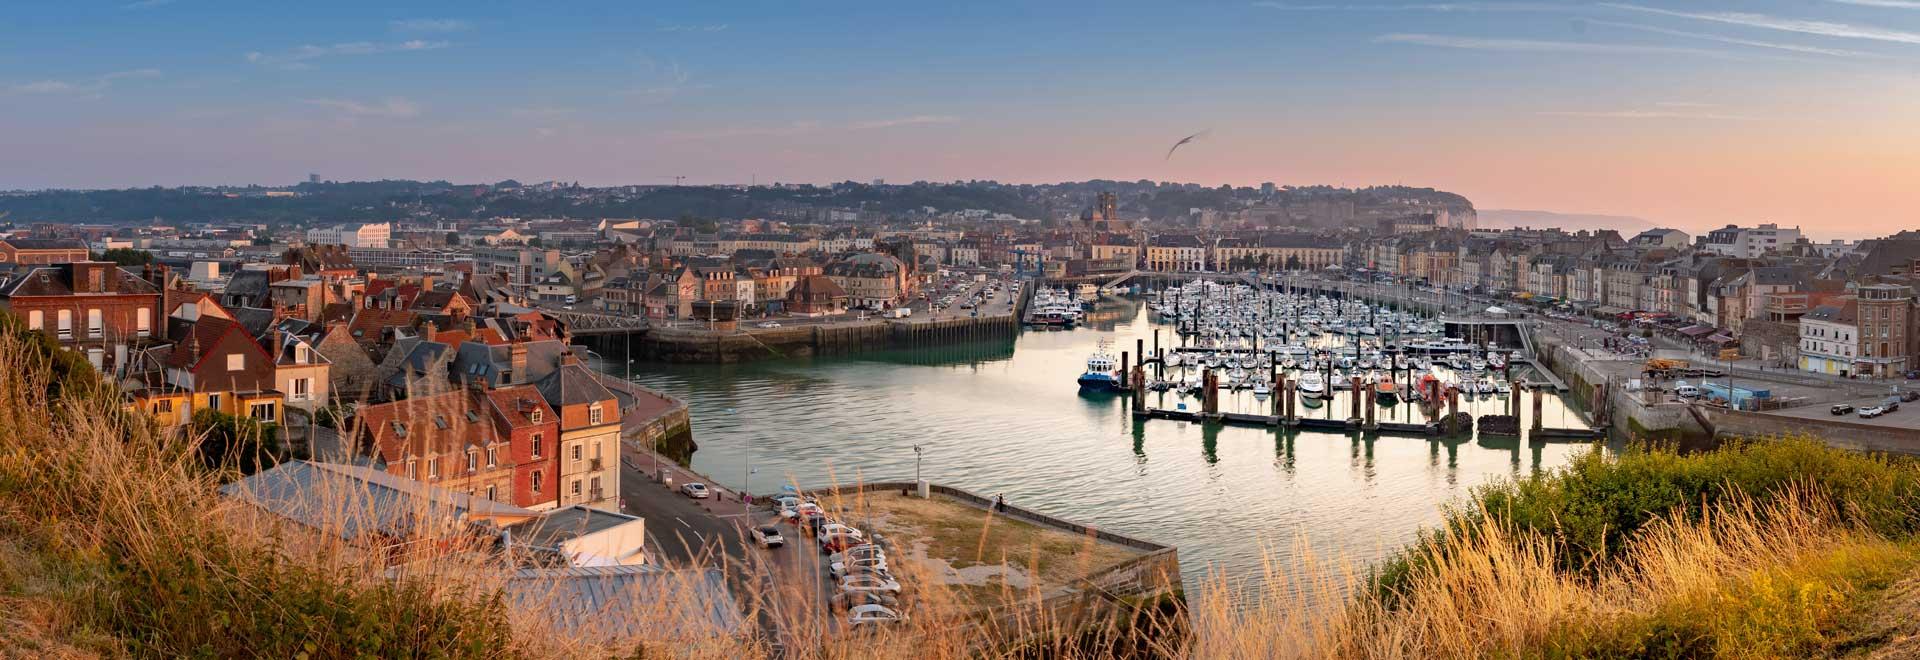 Sonnenuntergang bei Boulogne Sur Mer mit Blick zur Hafeneinfahrt